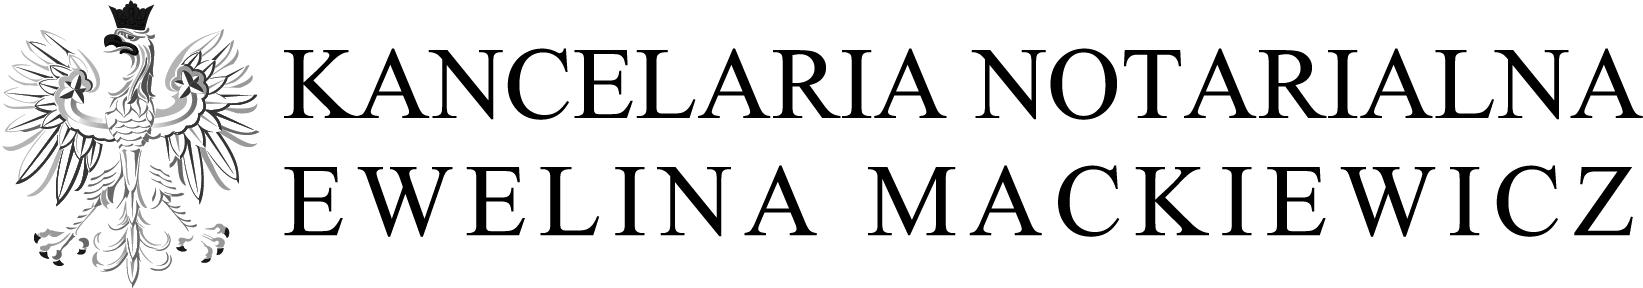 Kancelaria Notarialna Ewelina Mackiewicz